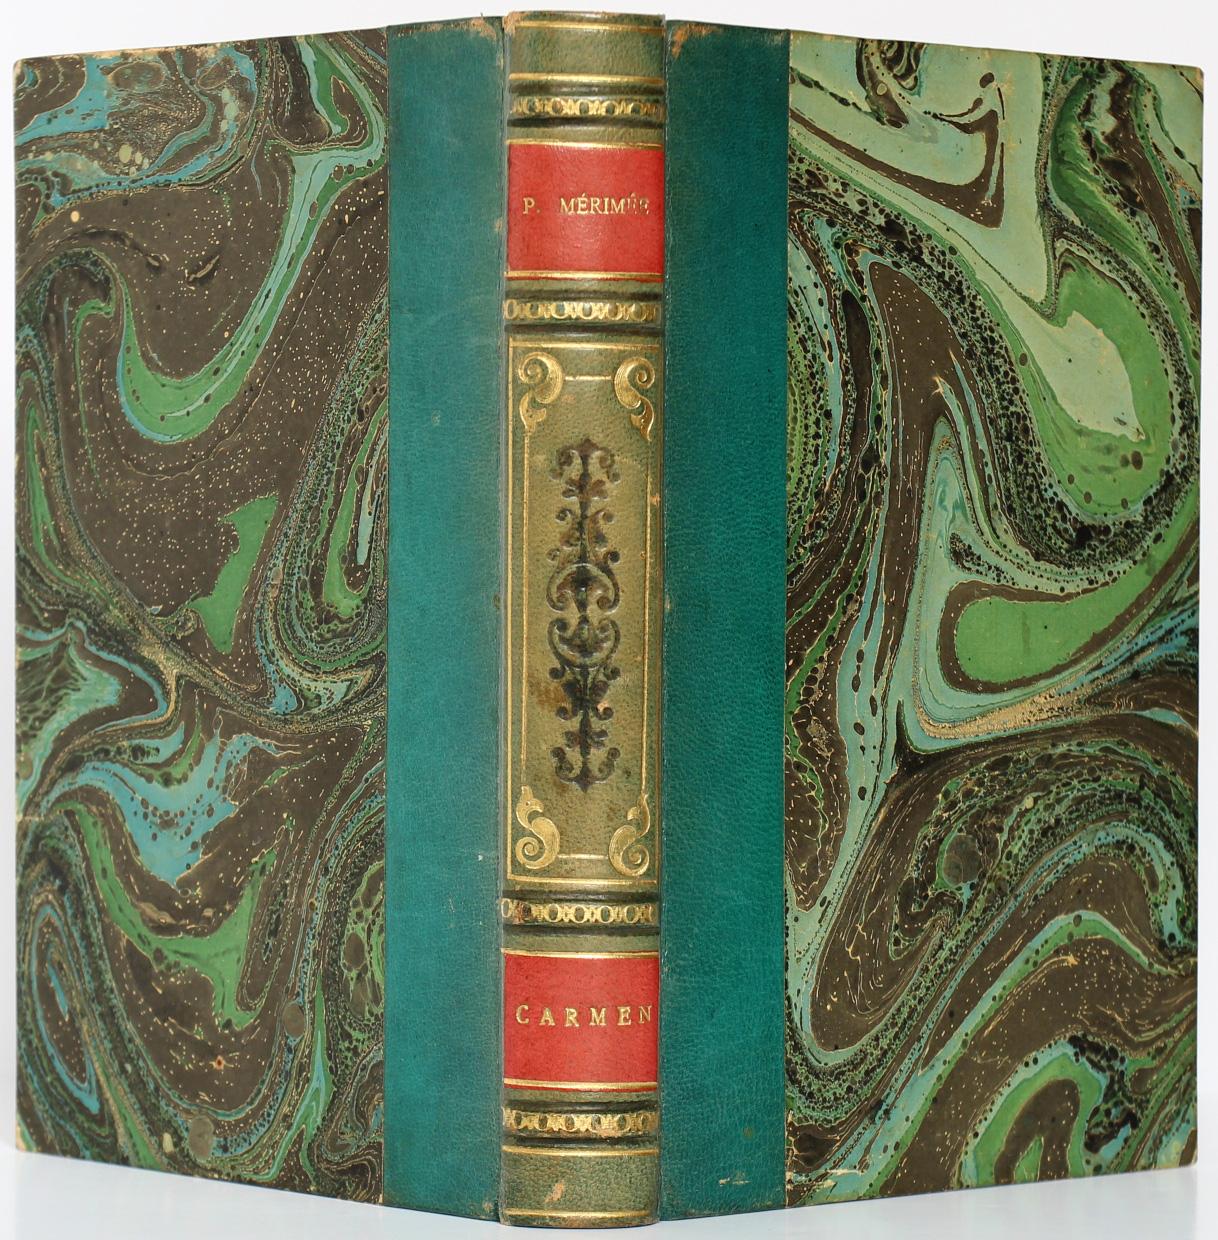 Carmen et quelques autres nouvelles, Prosper MÉRIMÉE. Dessins de Prosper MÉRIMÉE. Payot, 1927. Reliure.